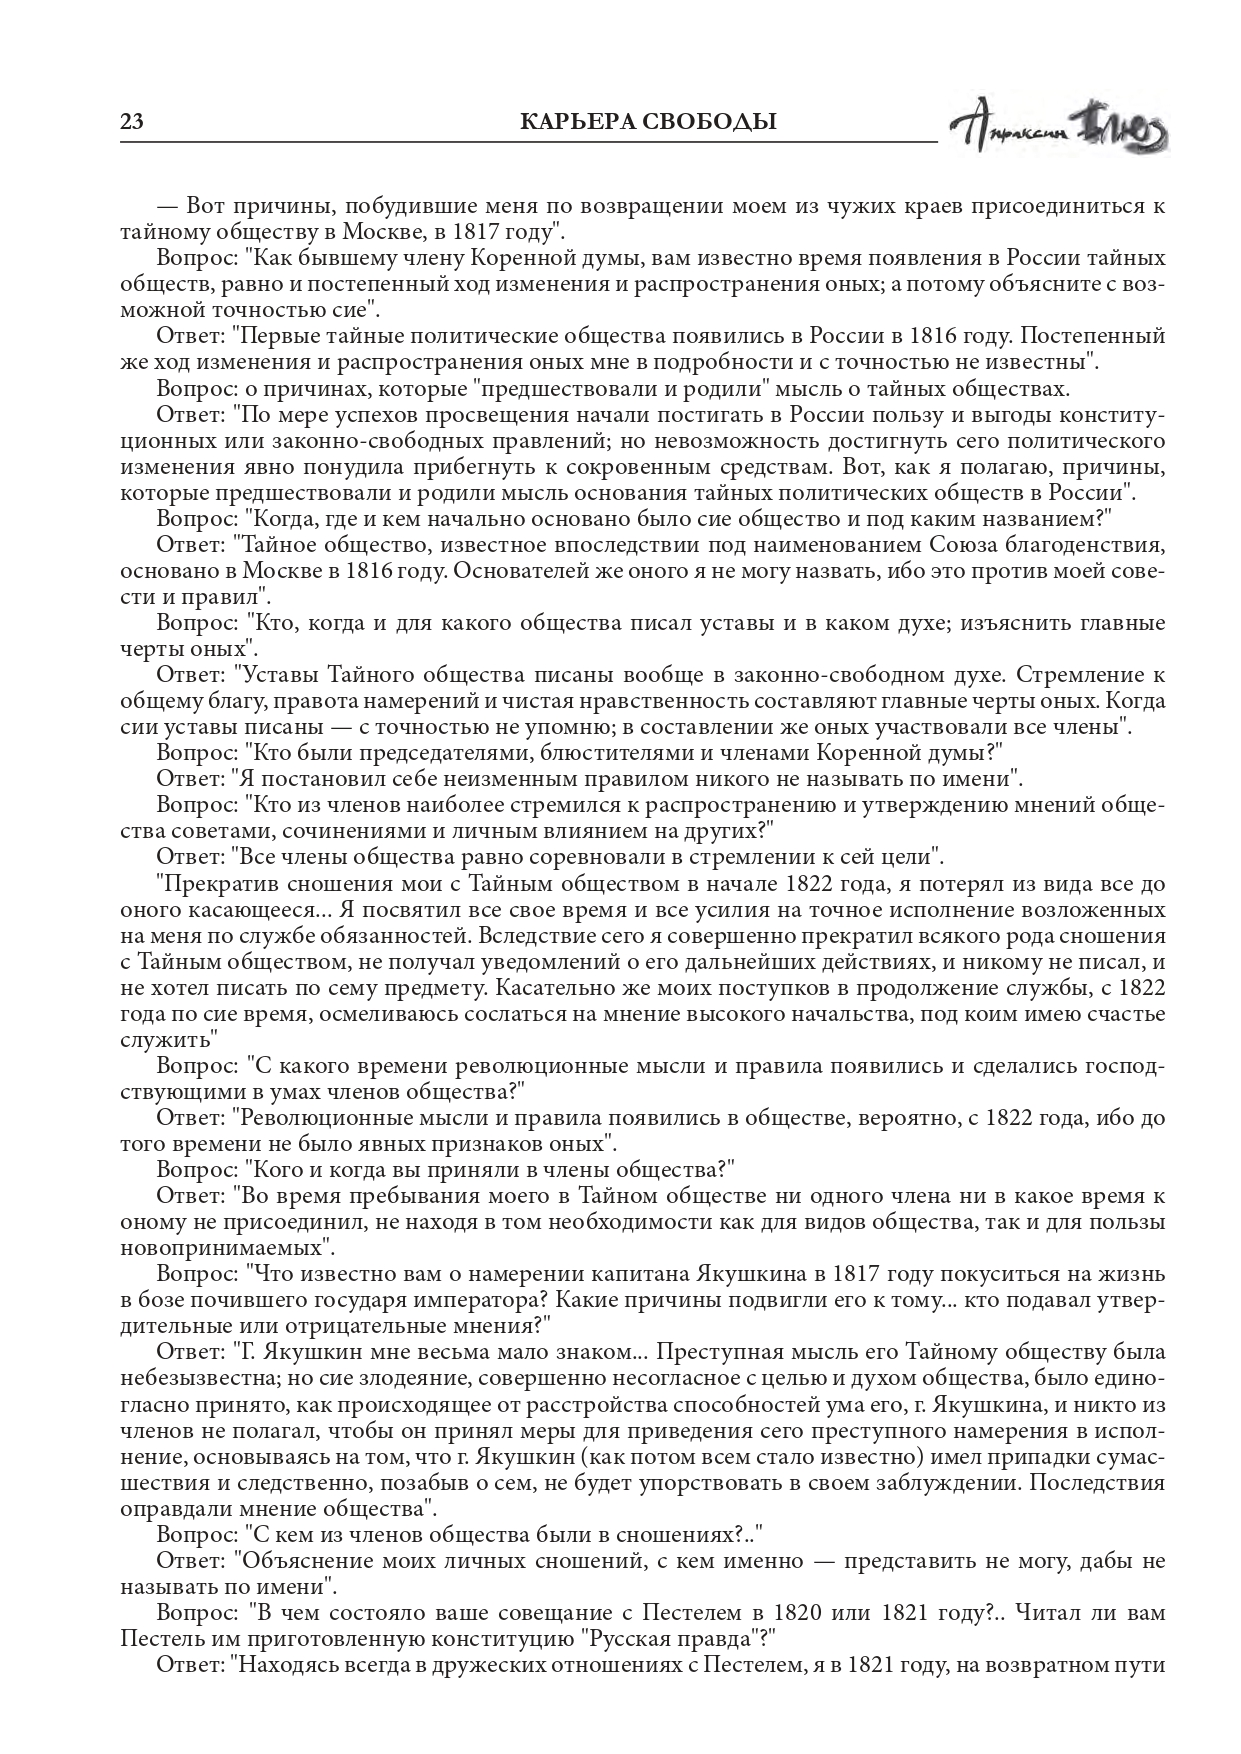 http://forumstatic.ru/files/001a/7d/26/88359.jpg